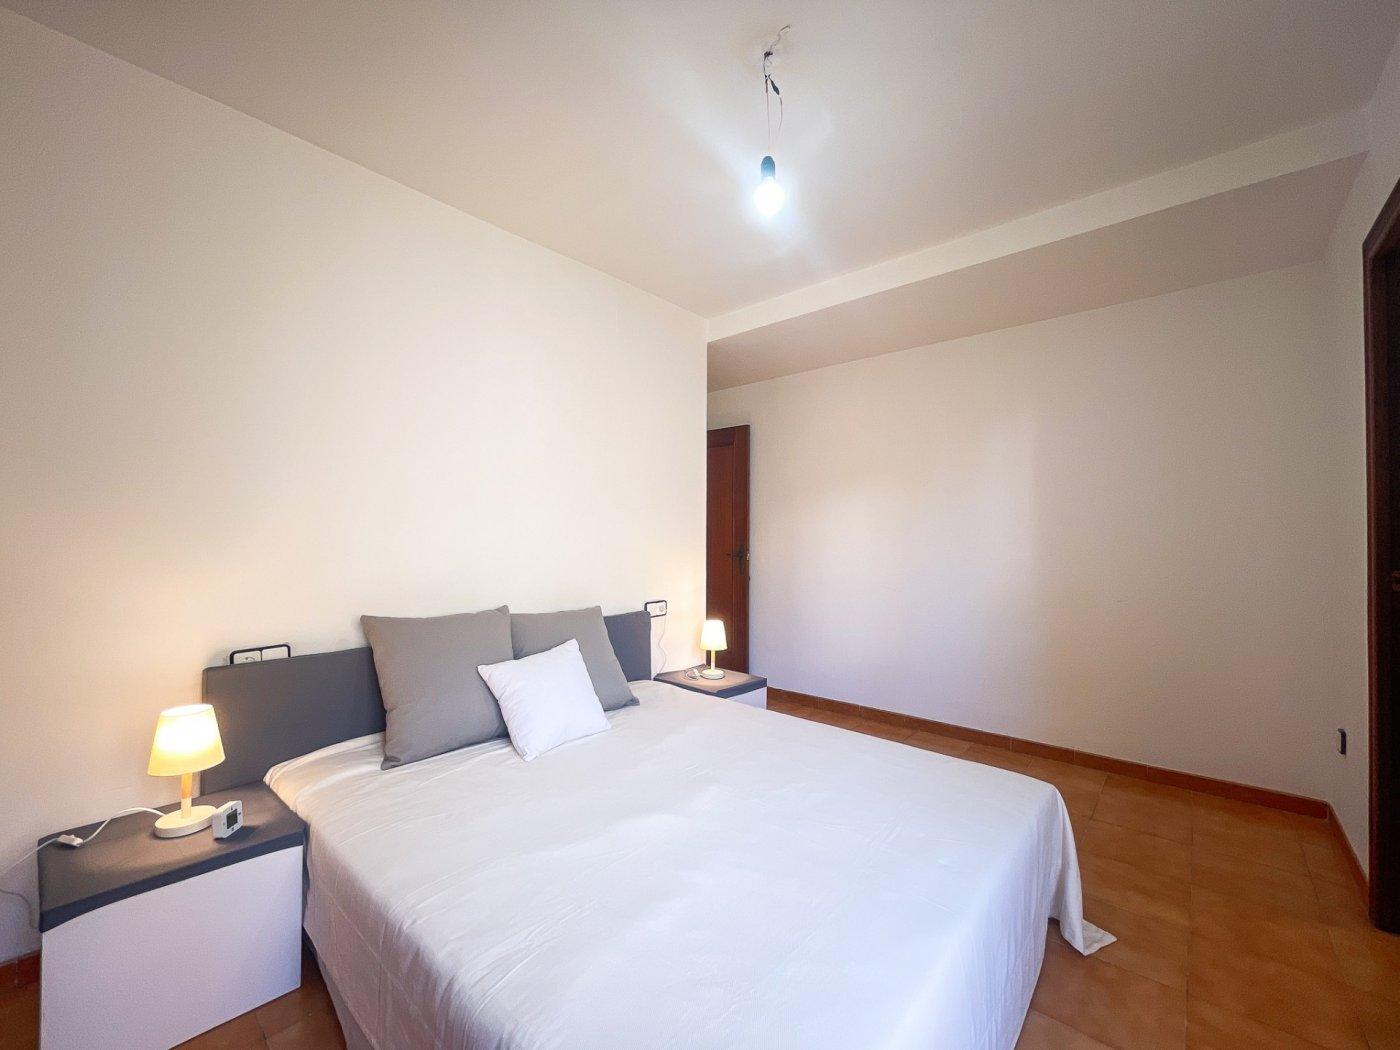 Estupendo piso muy soleado en plena avenida de la hispanidad de alcoy!! - imagenInmueble13